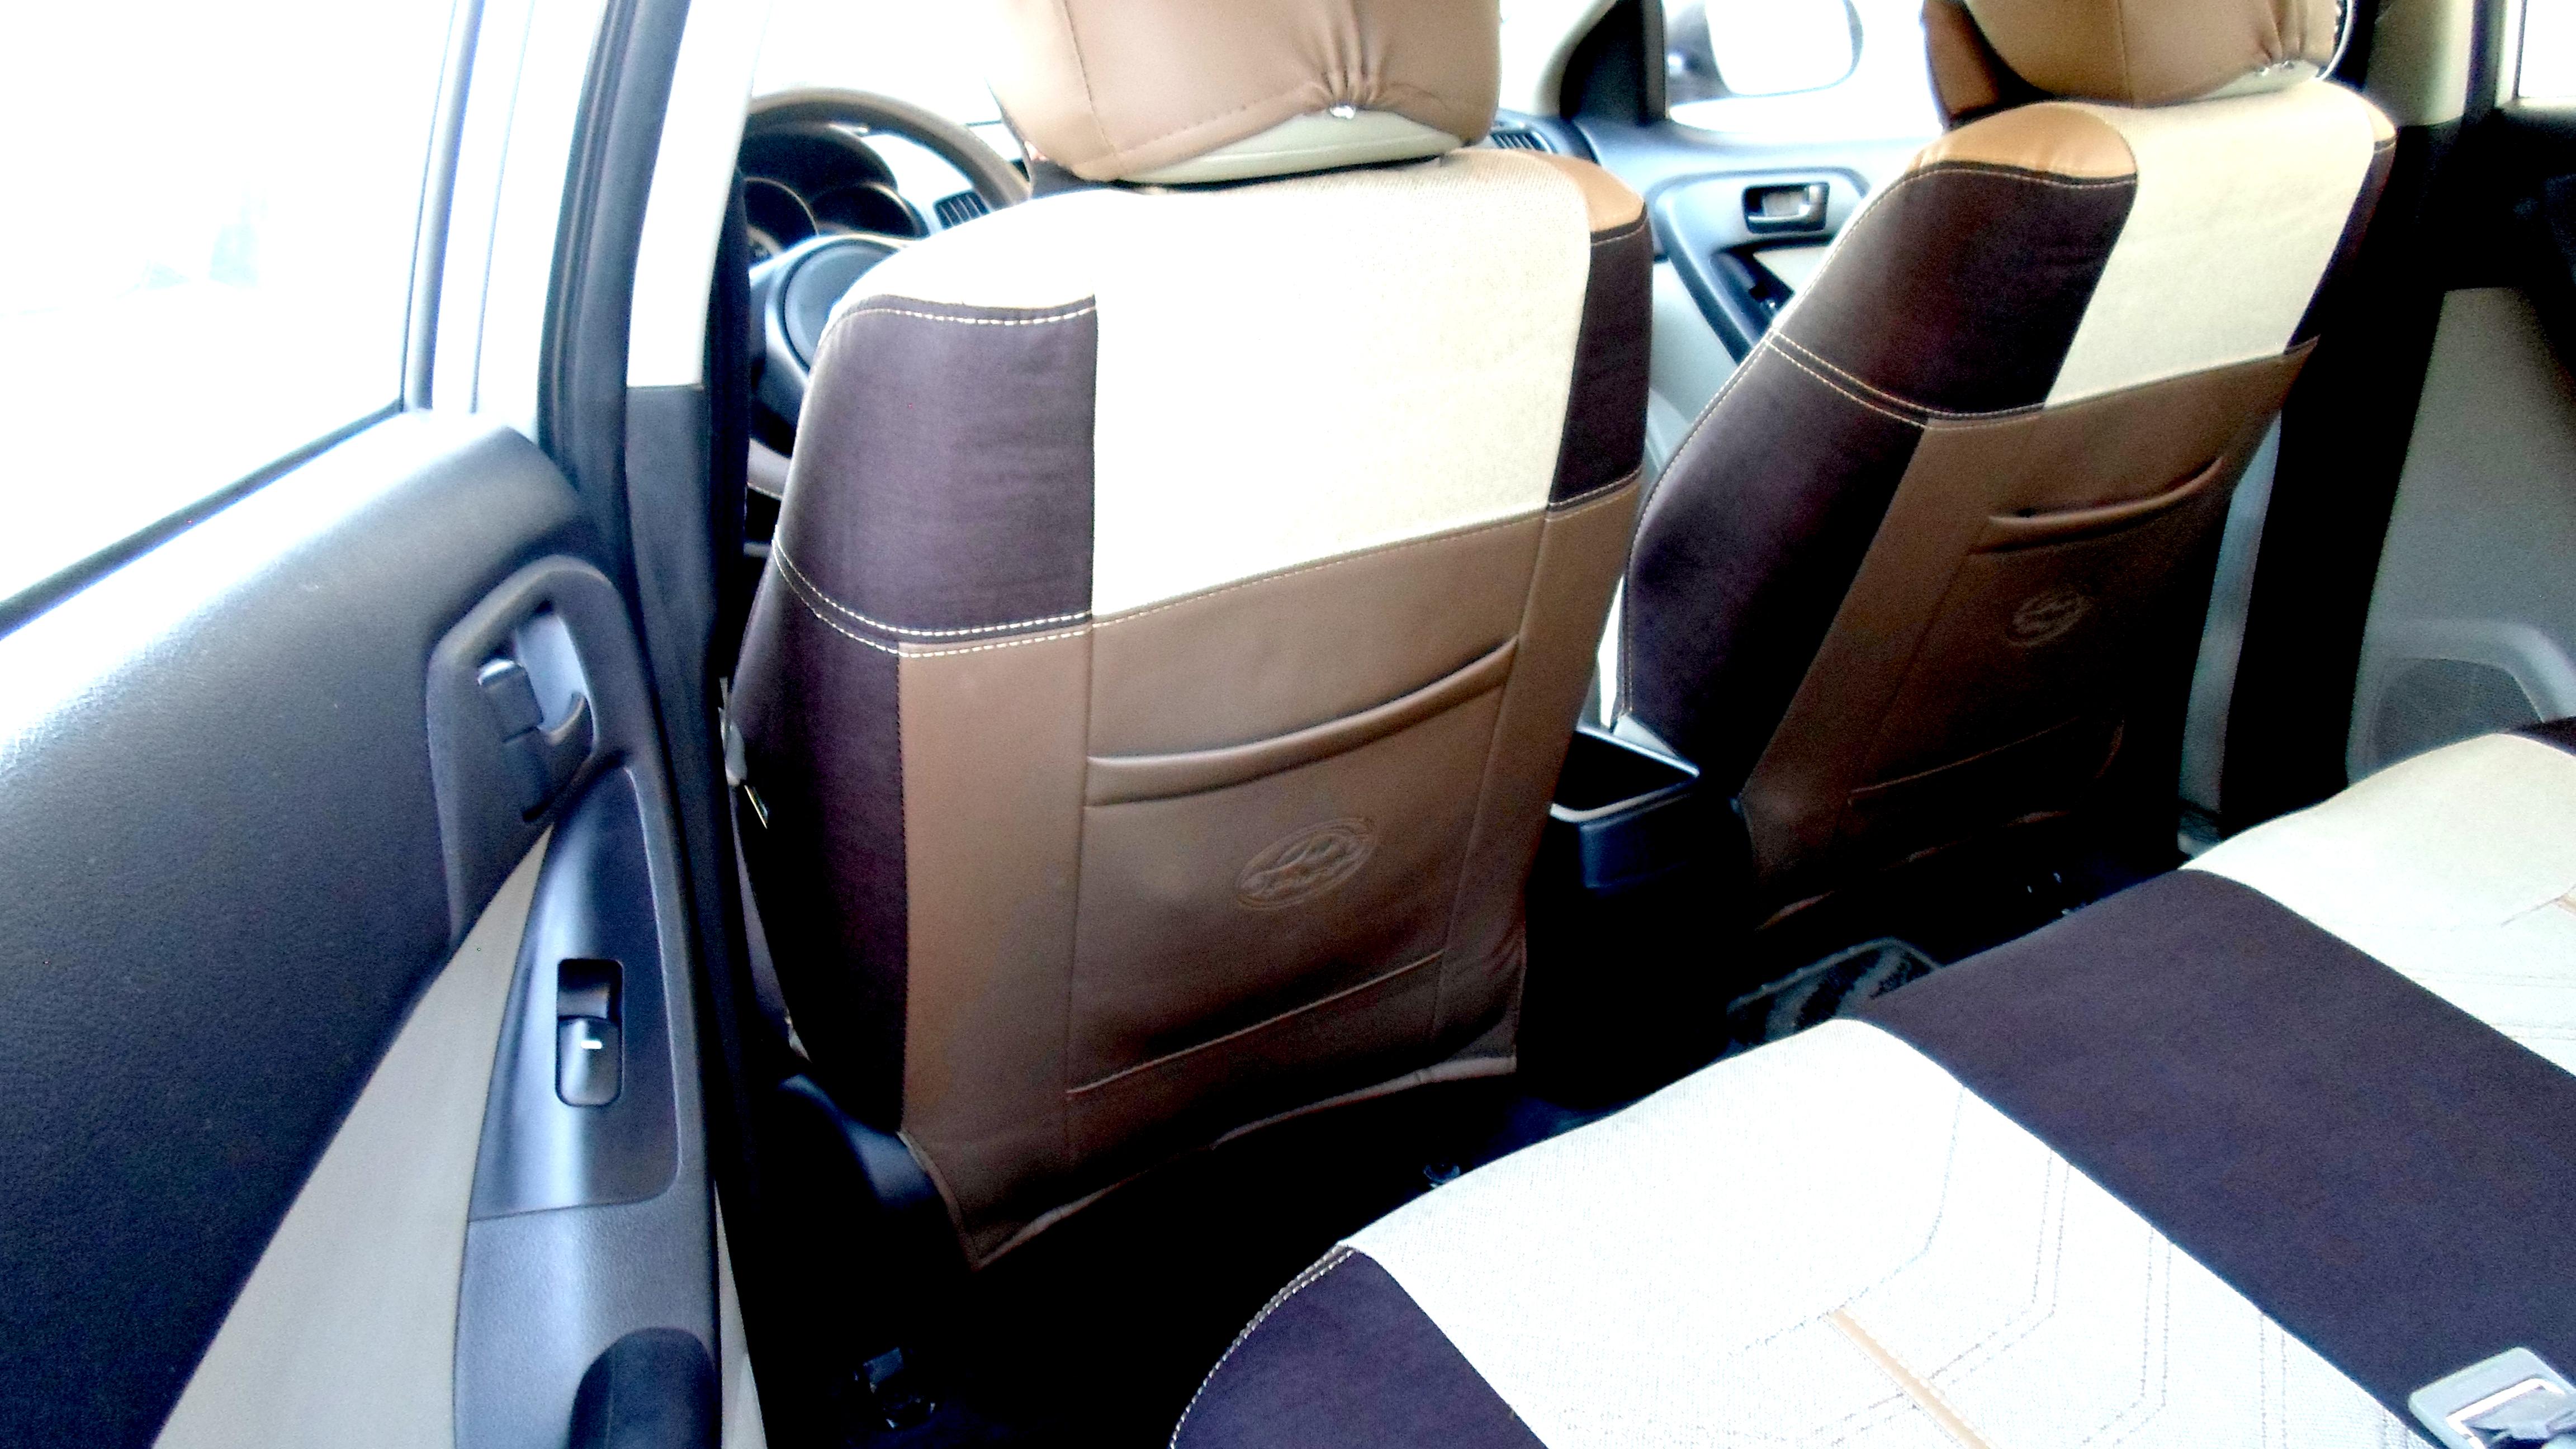 Kia Cerato 1.6(lt) 2011 Подержанный  $16900